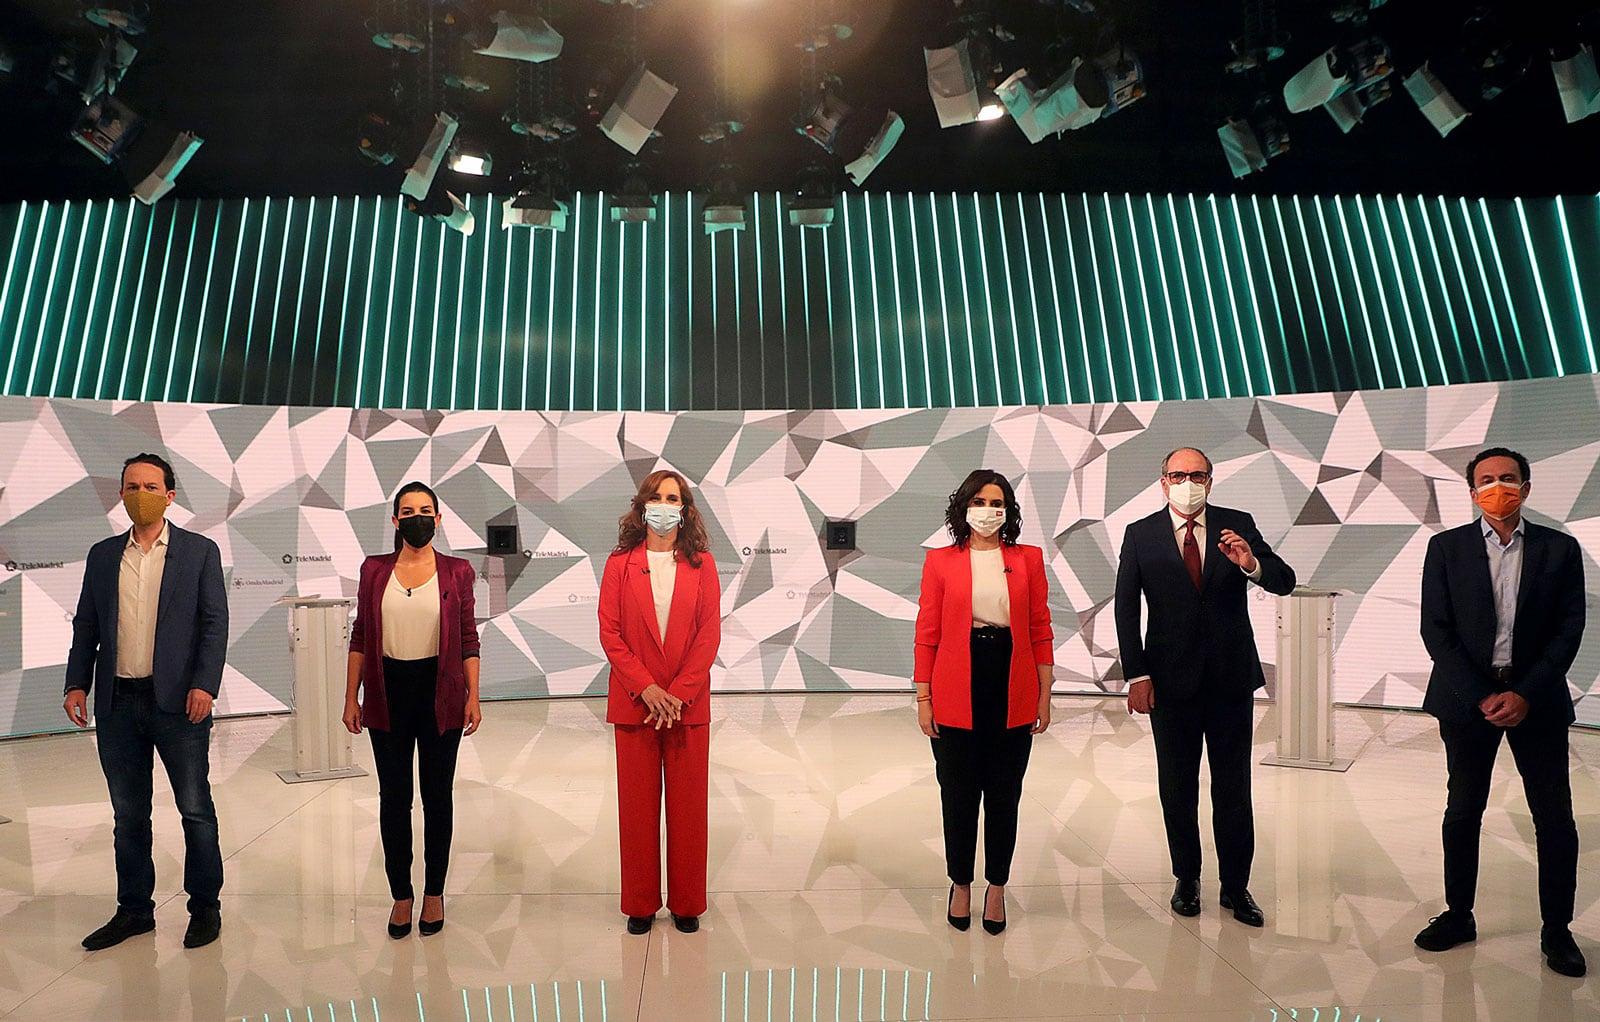 Debat electoral a Telemadrid dels candidats a la presidència de la Comunitat de Madrid, el 21 d'abril Fotografía. de Juanjo Martín Efe.